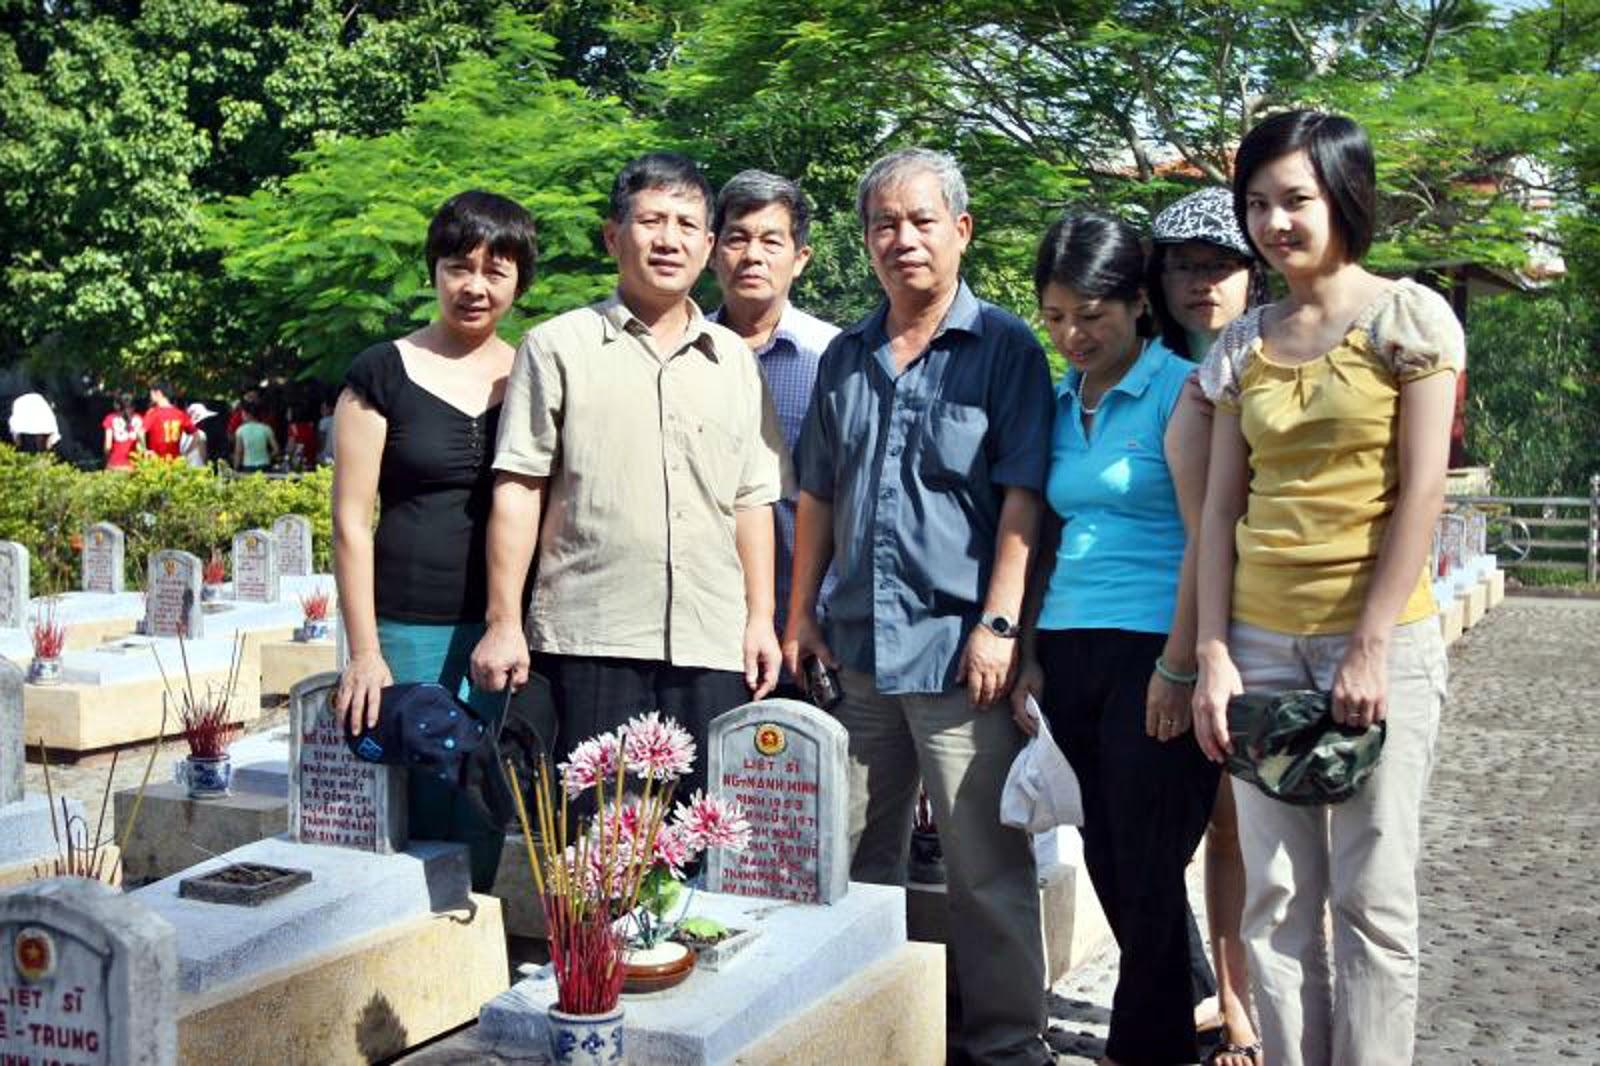 Có anh Hoàng Việt Thắng K4, gia đình Vũ Văn Việt và Lê Minh Chính K6.